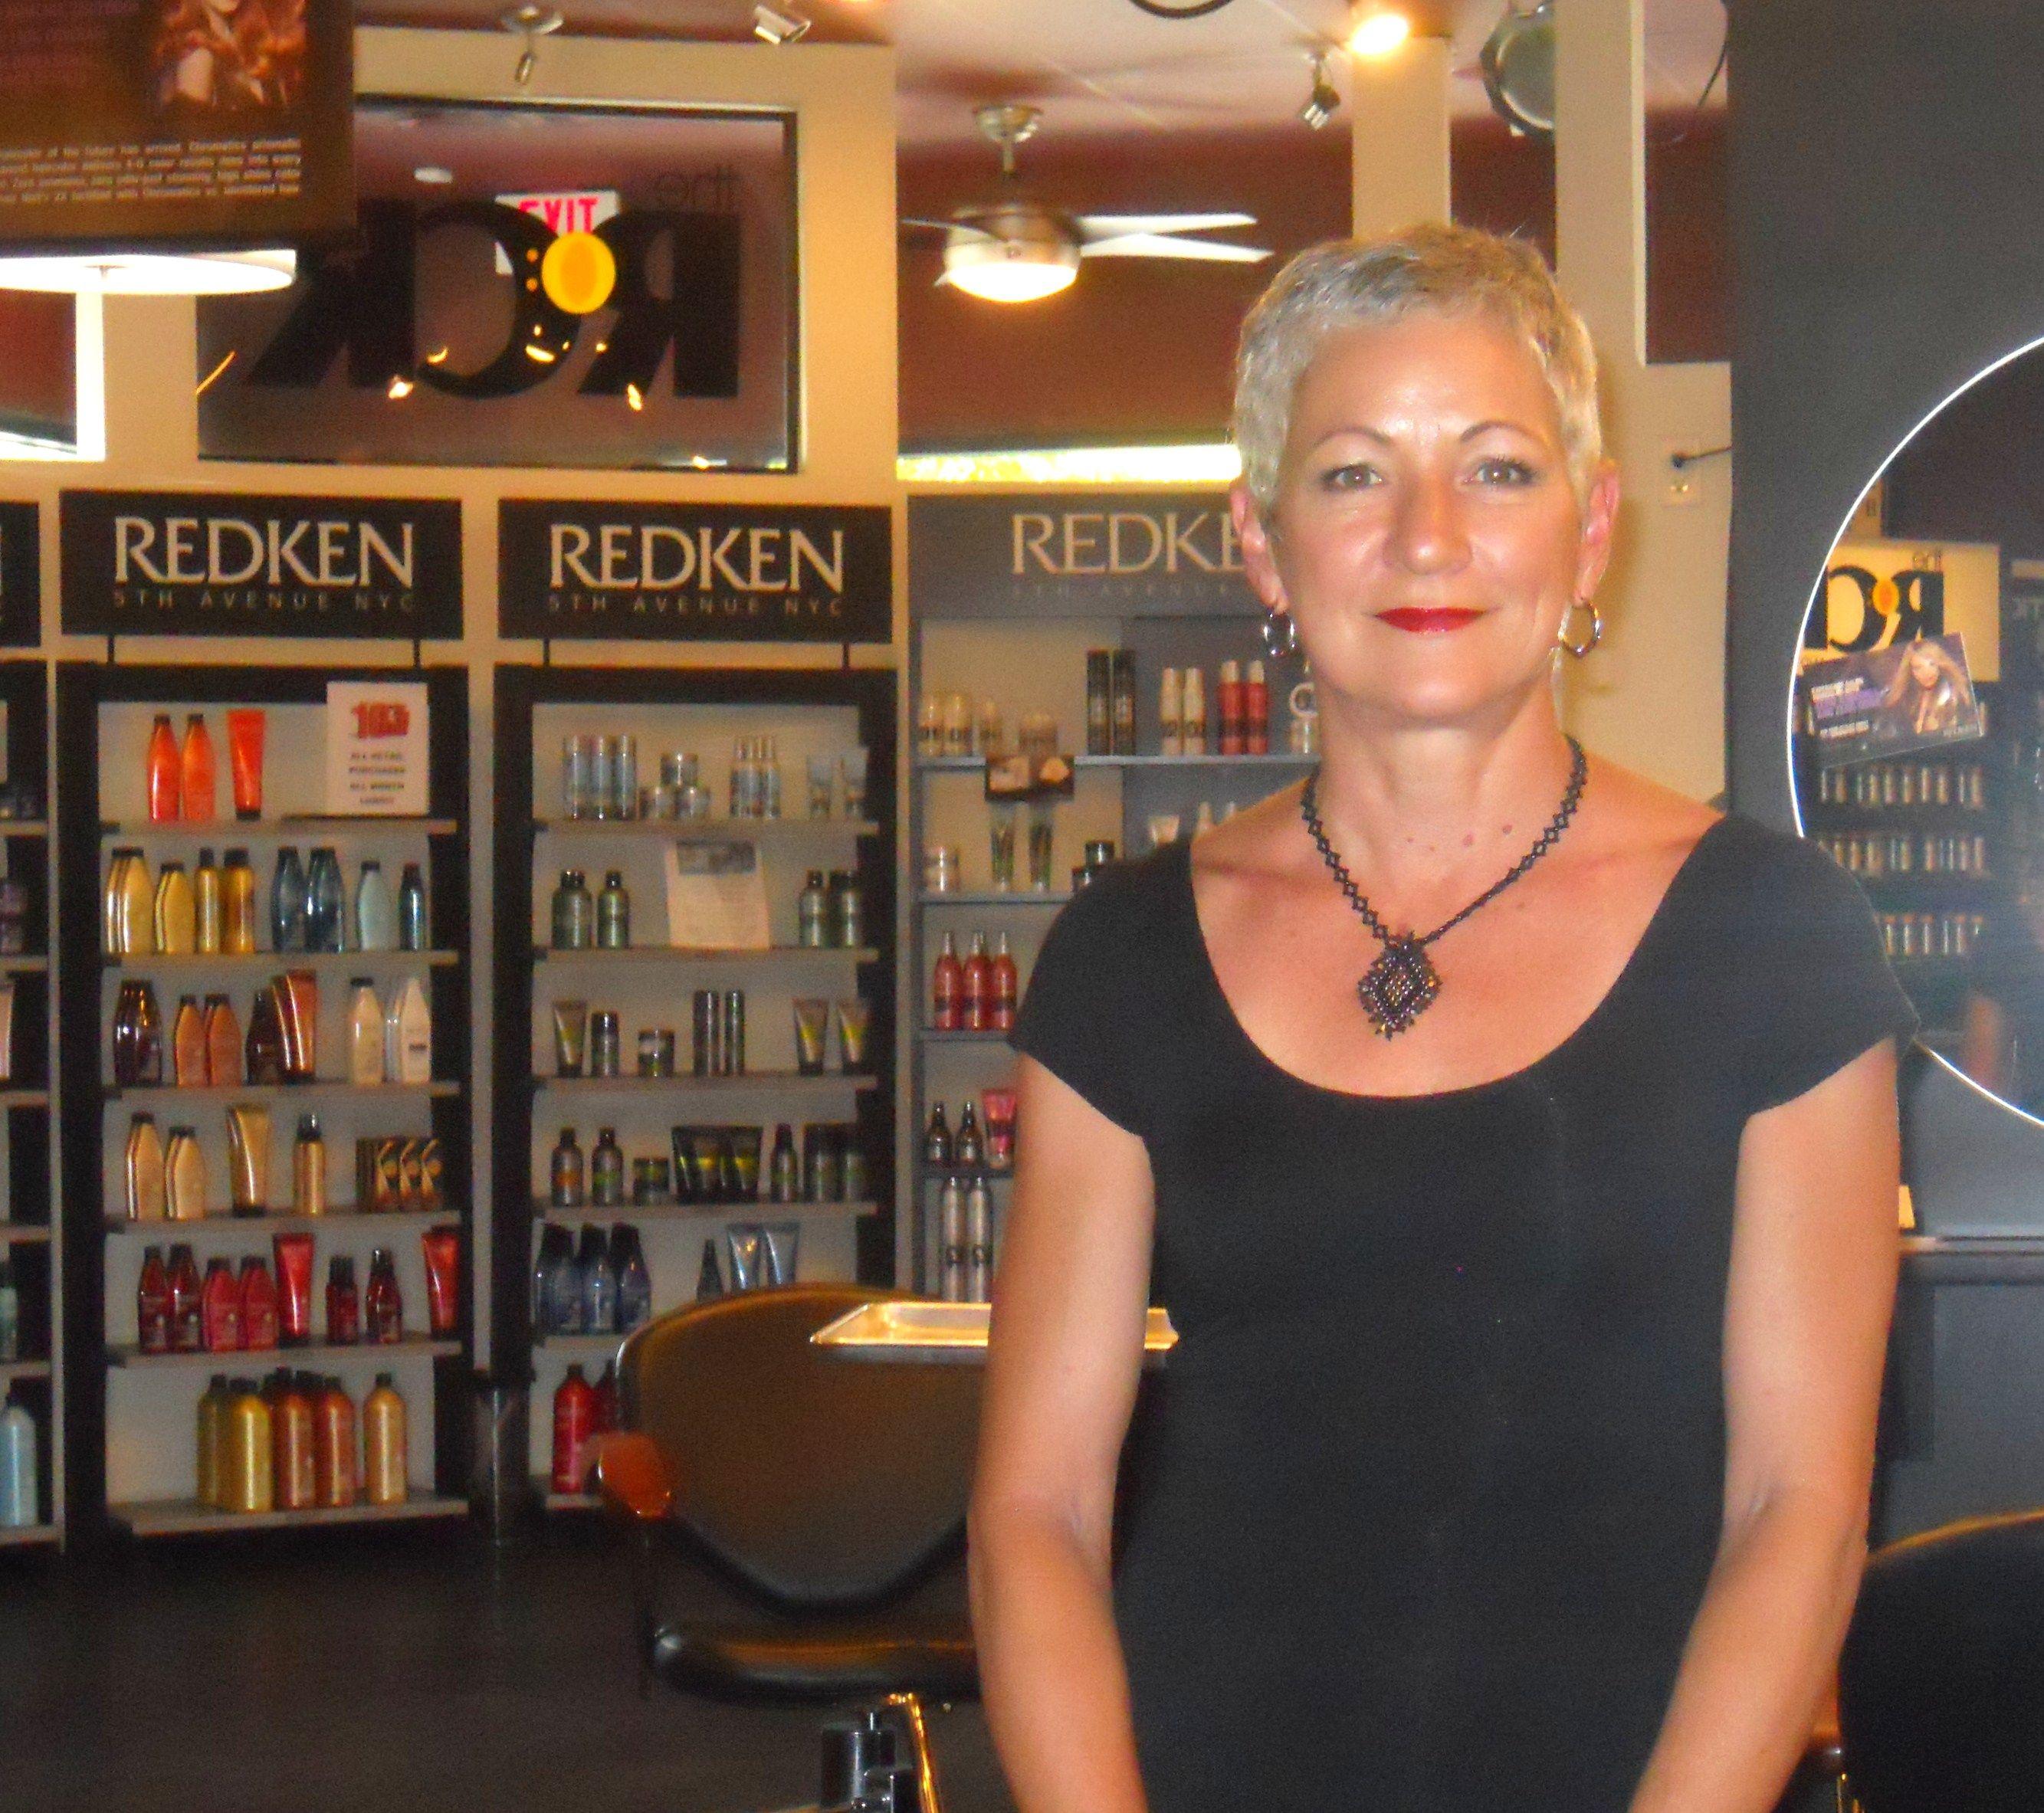 REDKEN Elite Salon Owner